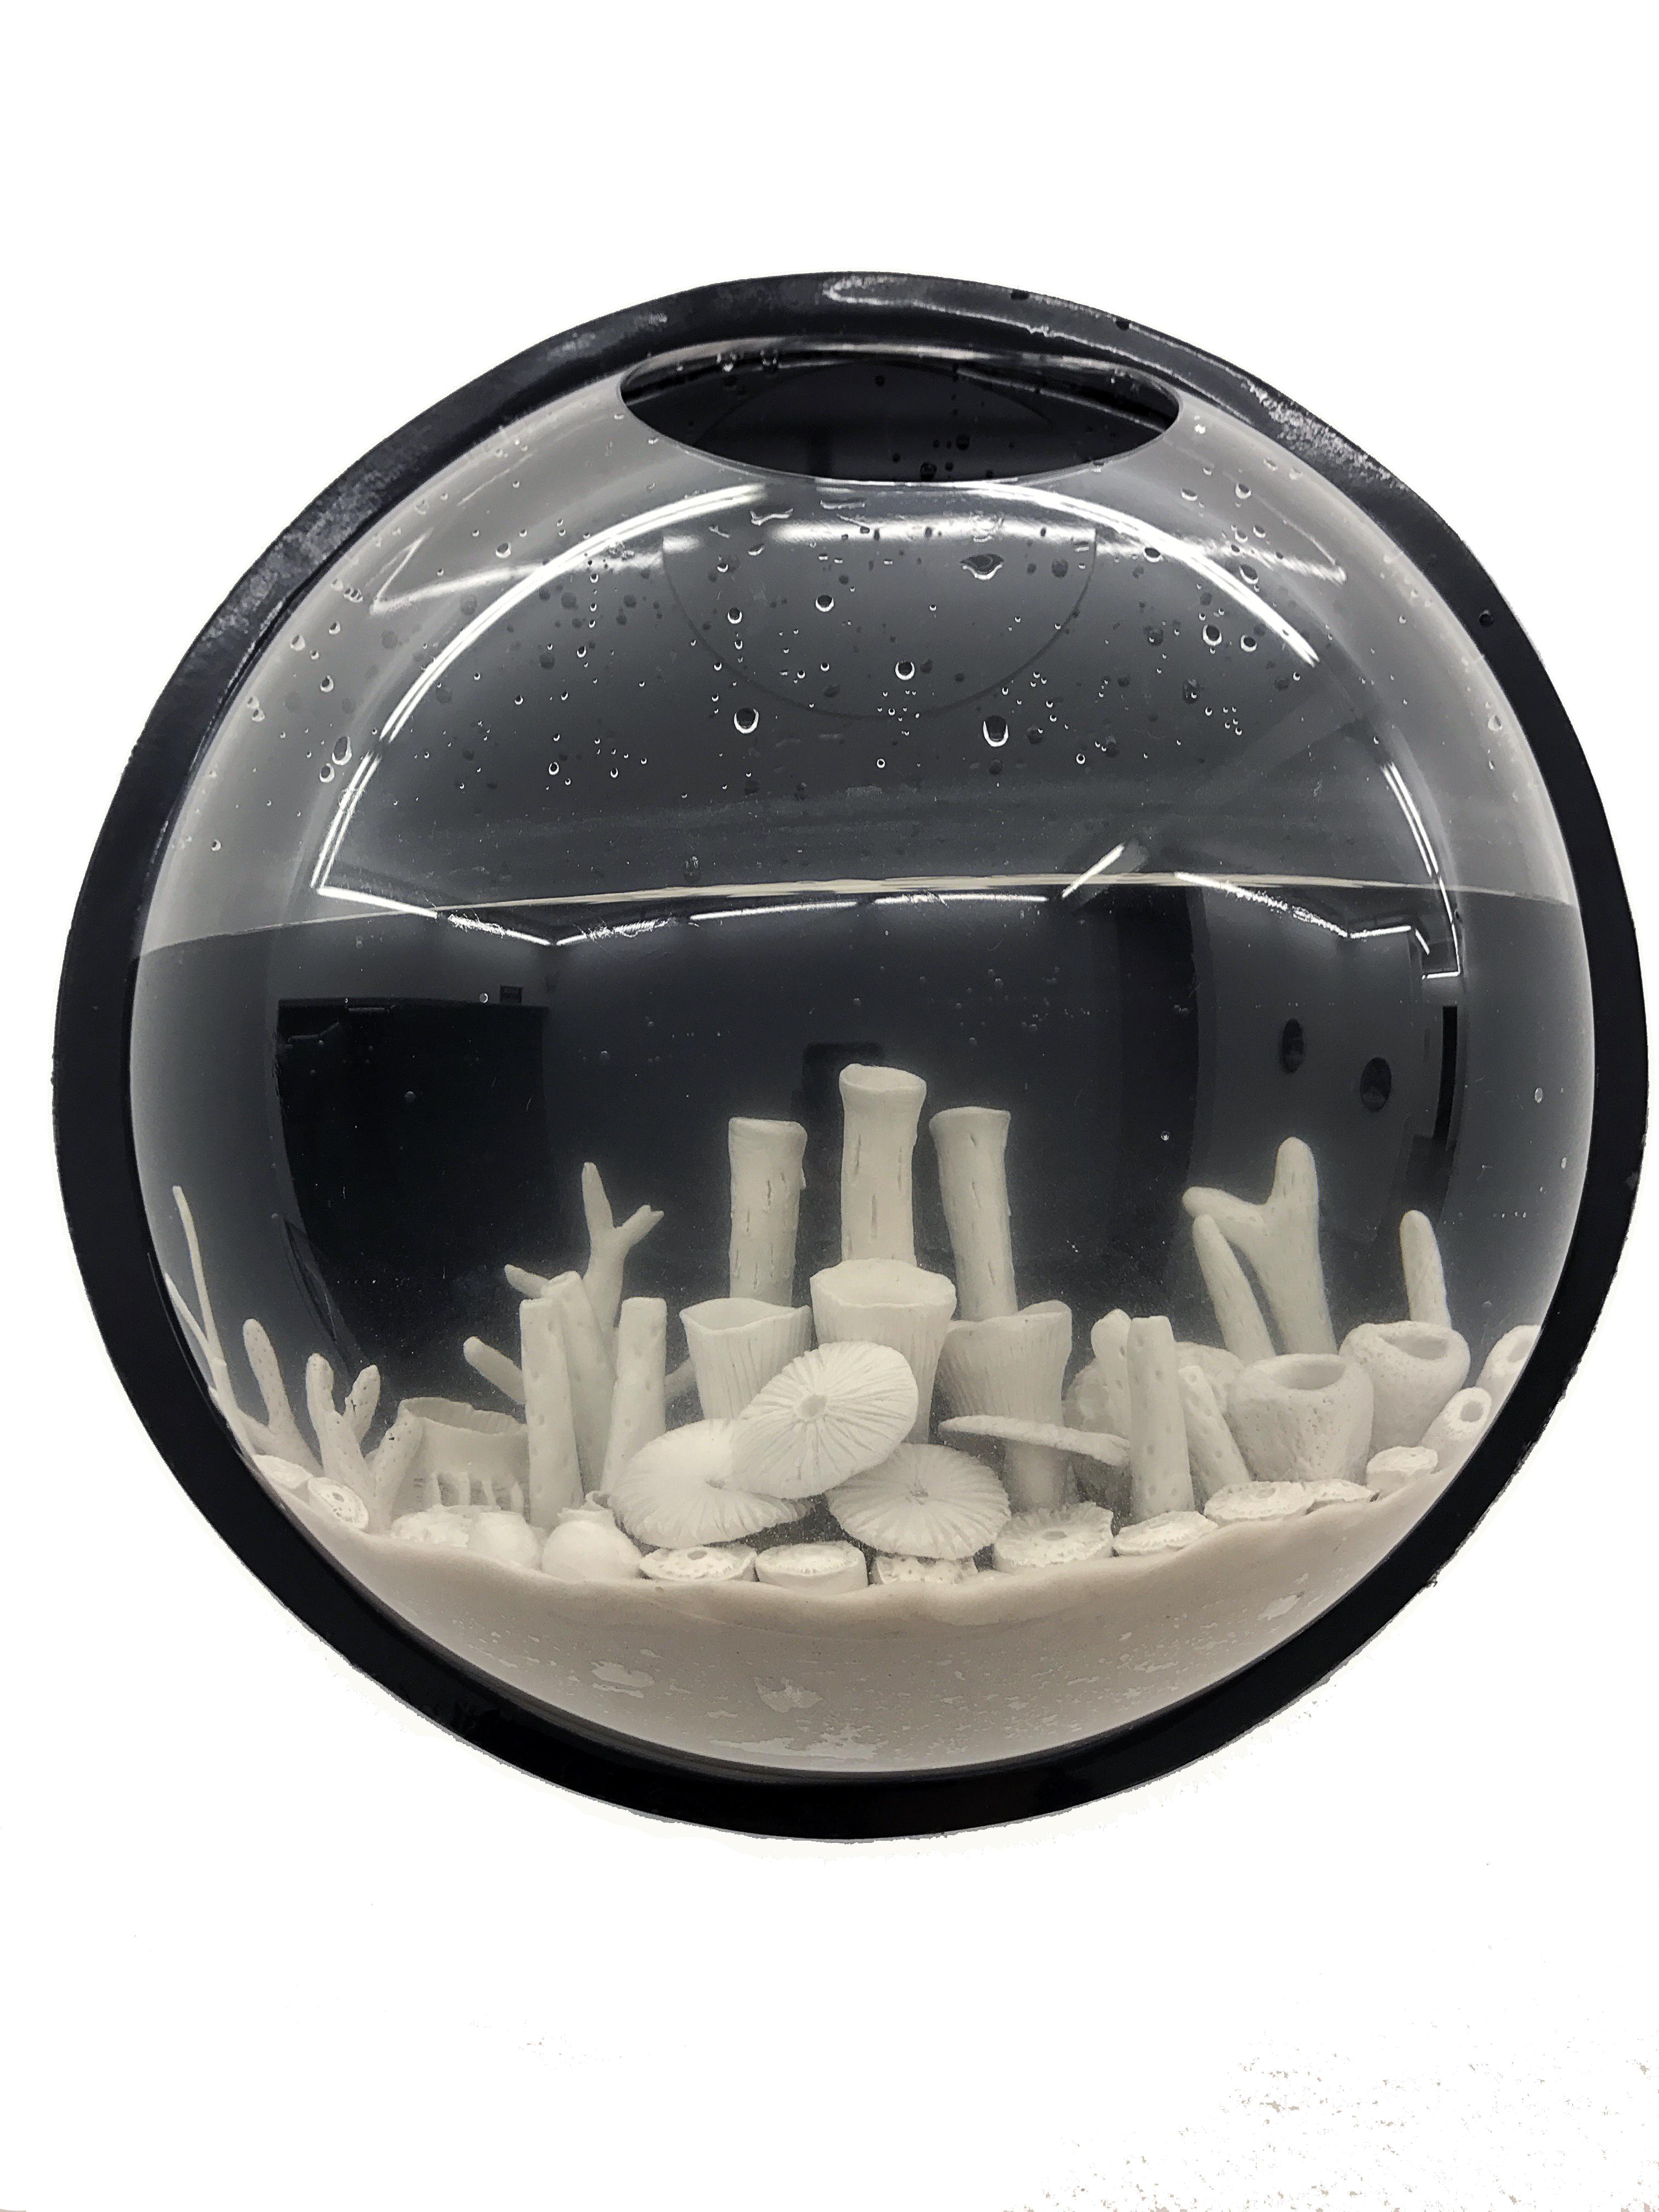 aquario 1